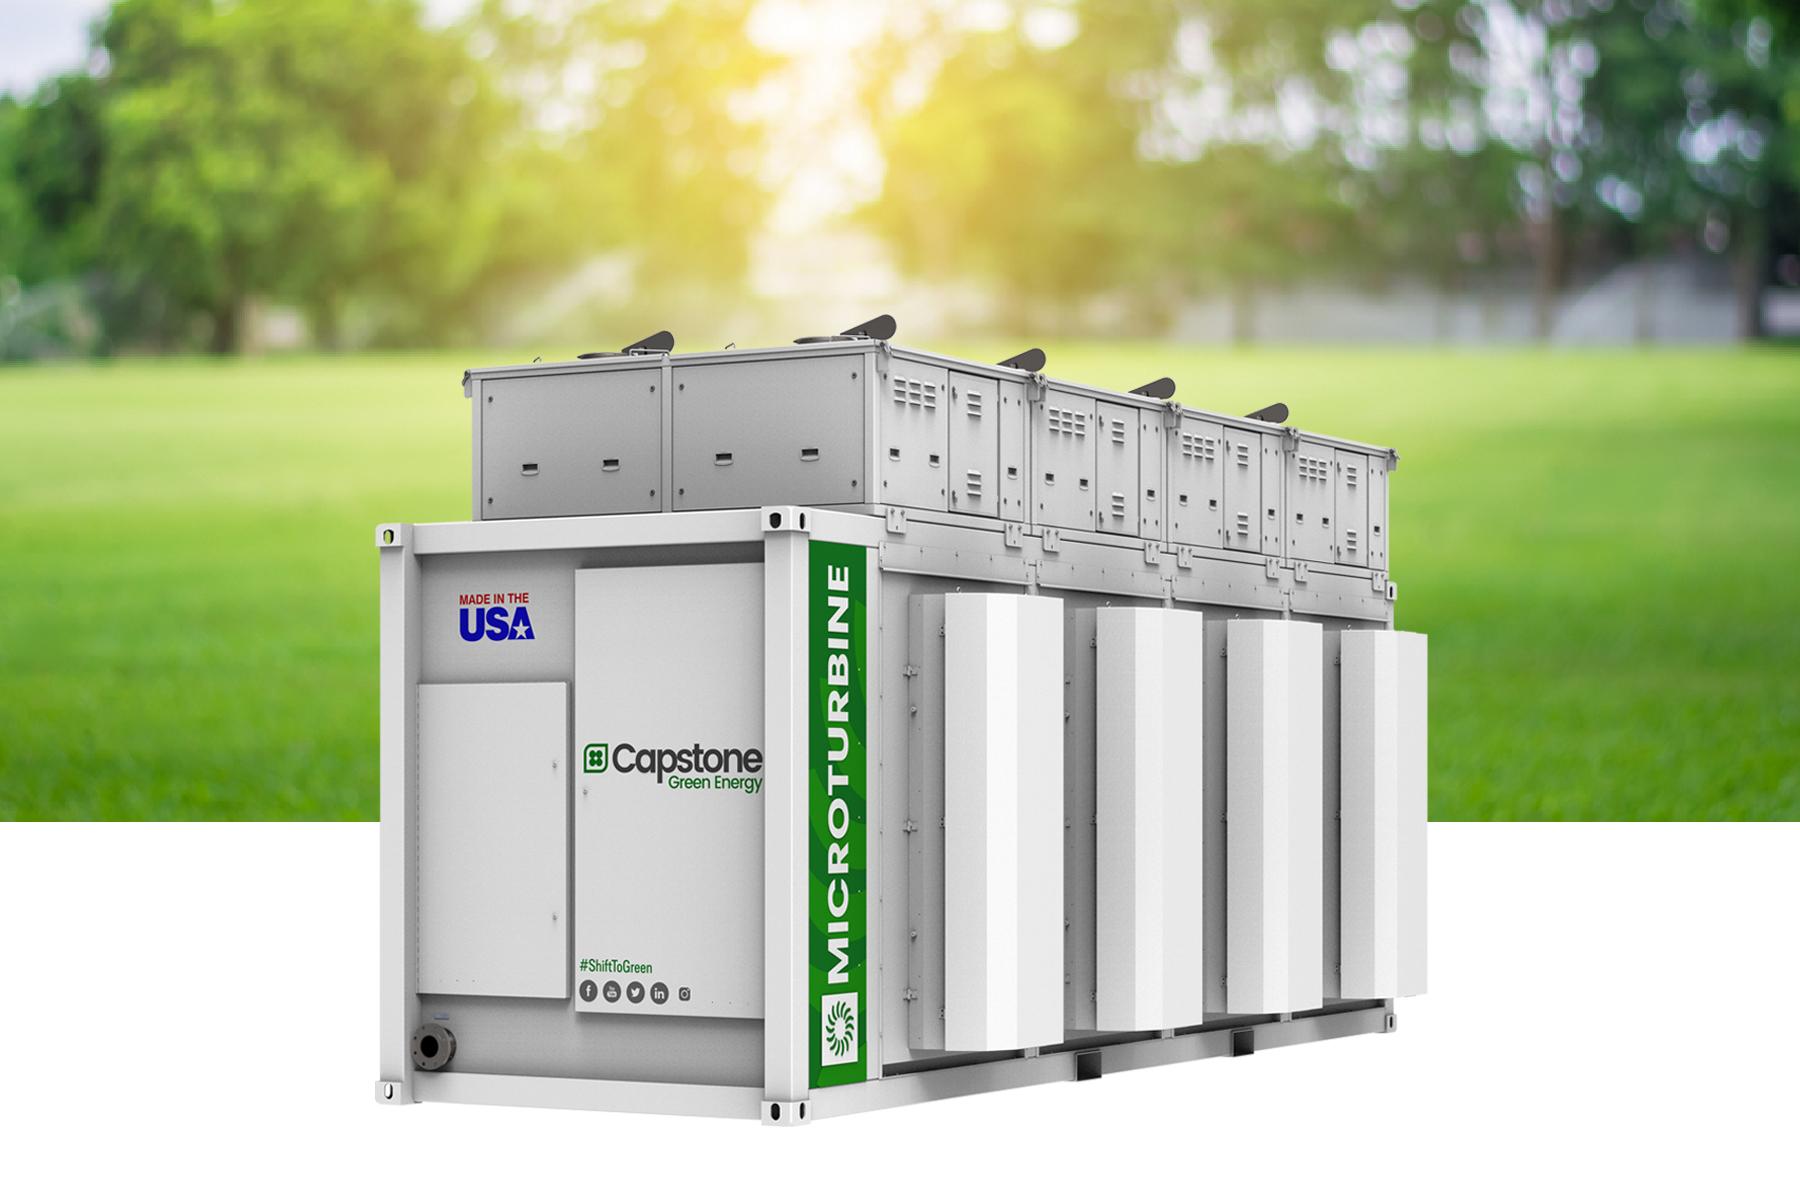 เครื่องกำเนิดไฟฟ้ากังหันแก๊ส ไมโครเทอร์ไบน์ (Microturbine) แบรนด์ Capstone Green Energy